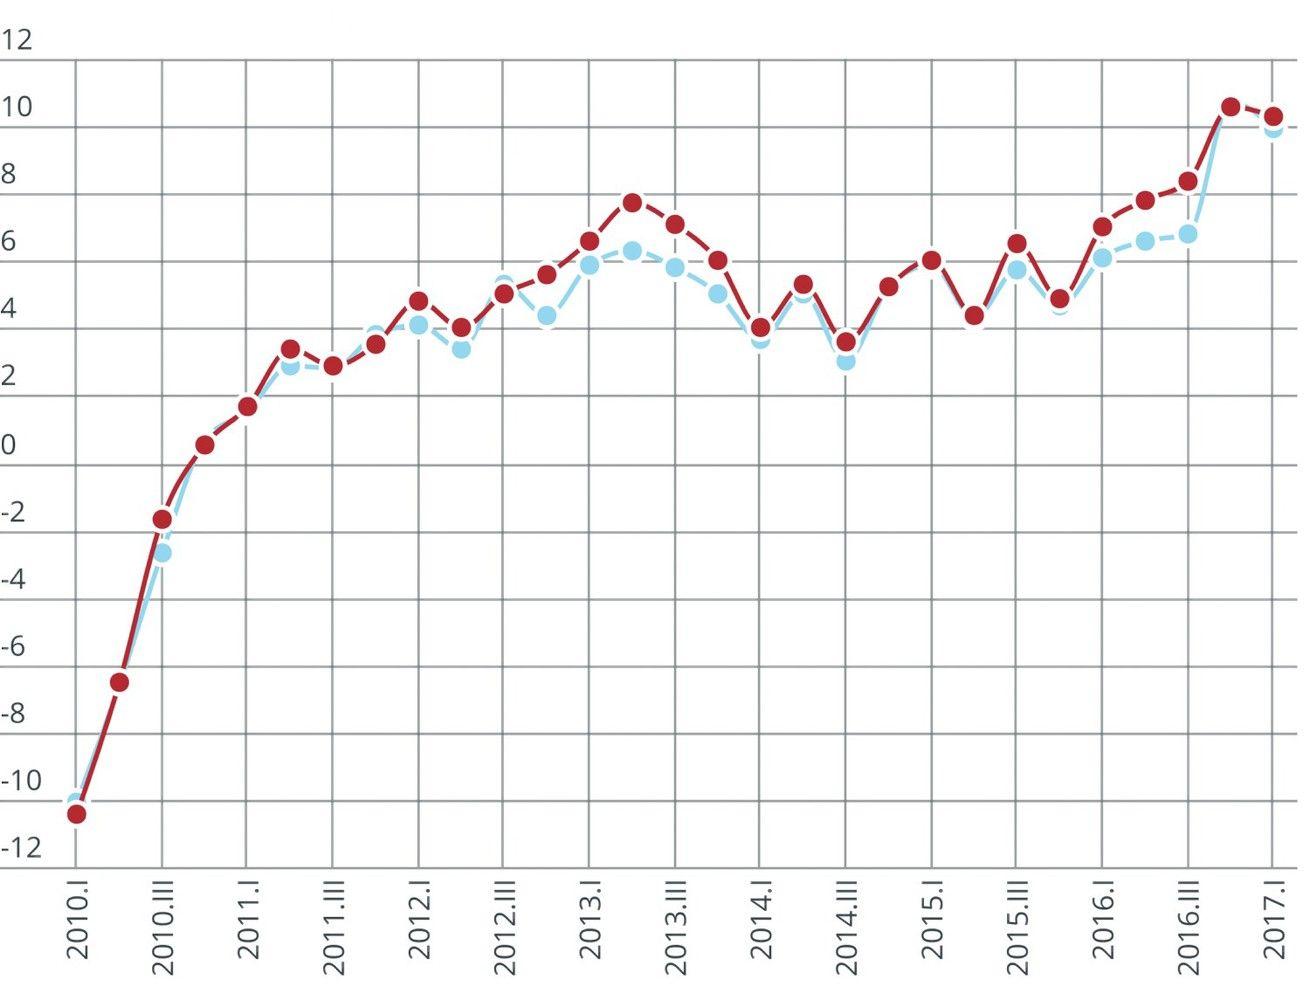 Darbo sąnaudos augo lėčiau